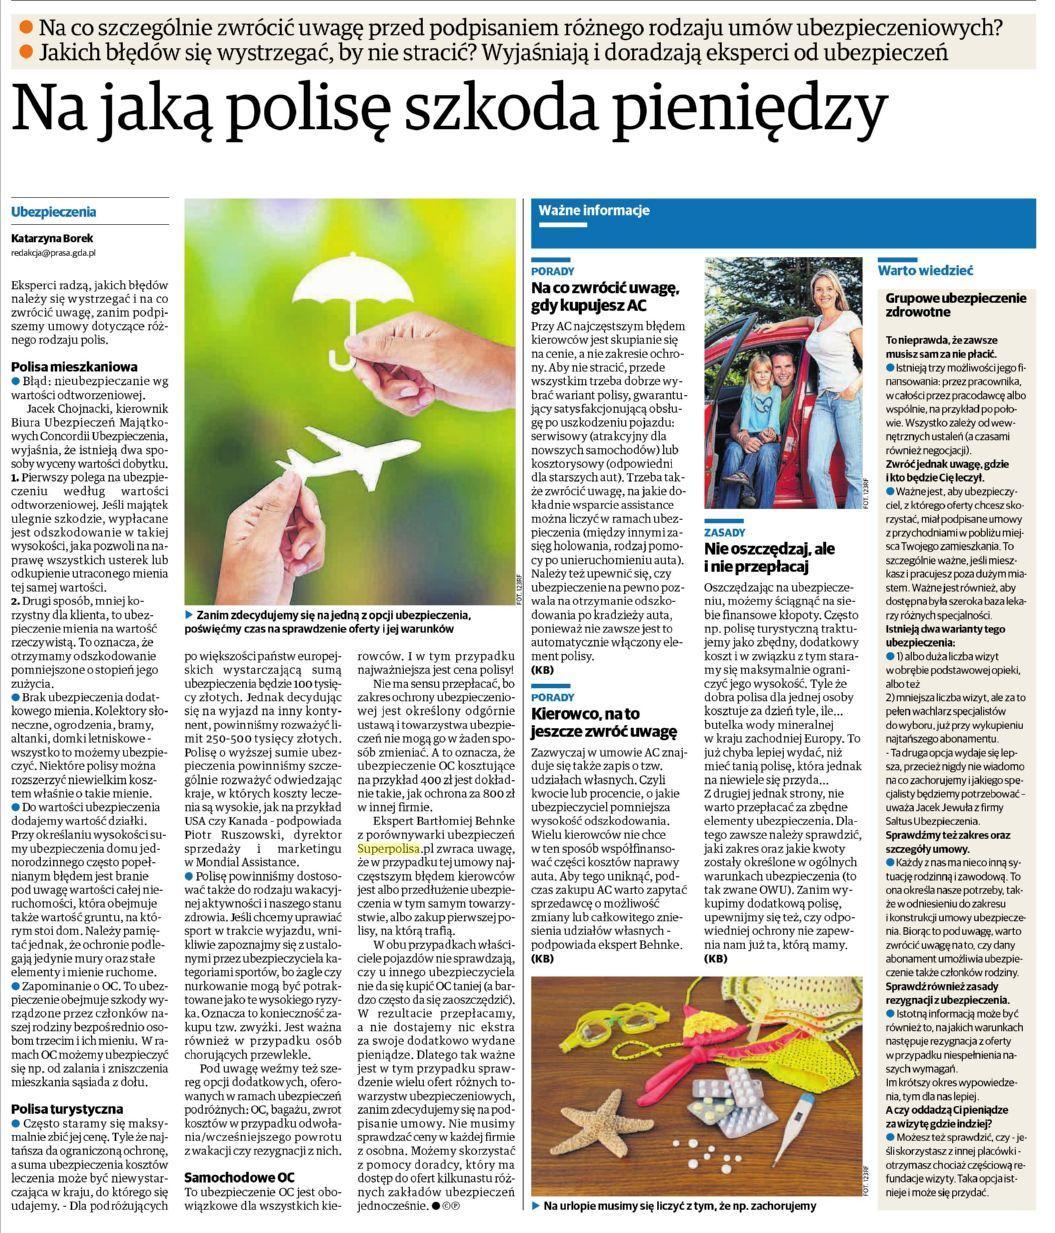 Na jaką polisę szkoda pieniędzy – Dziennik Bałtycki